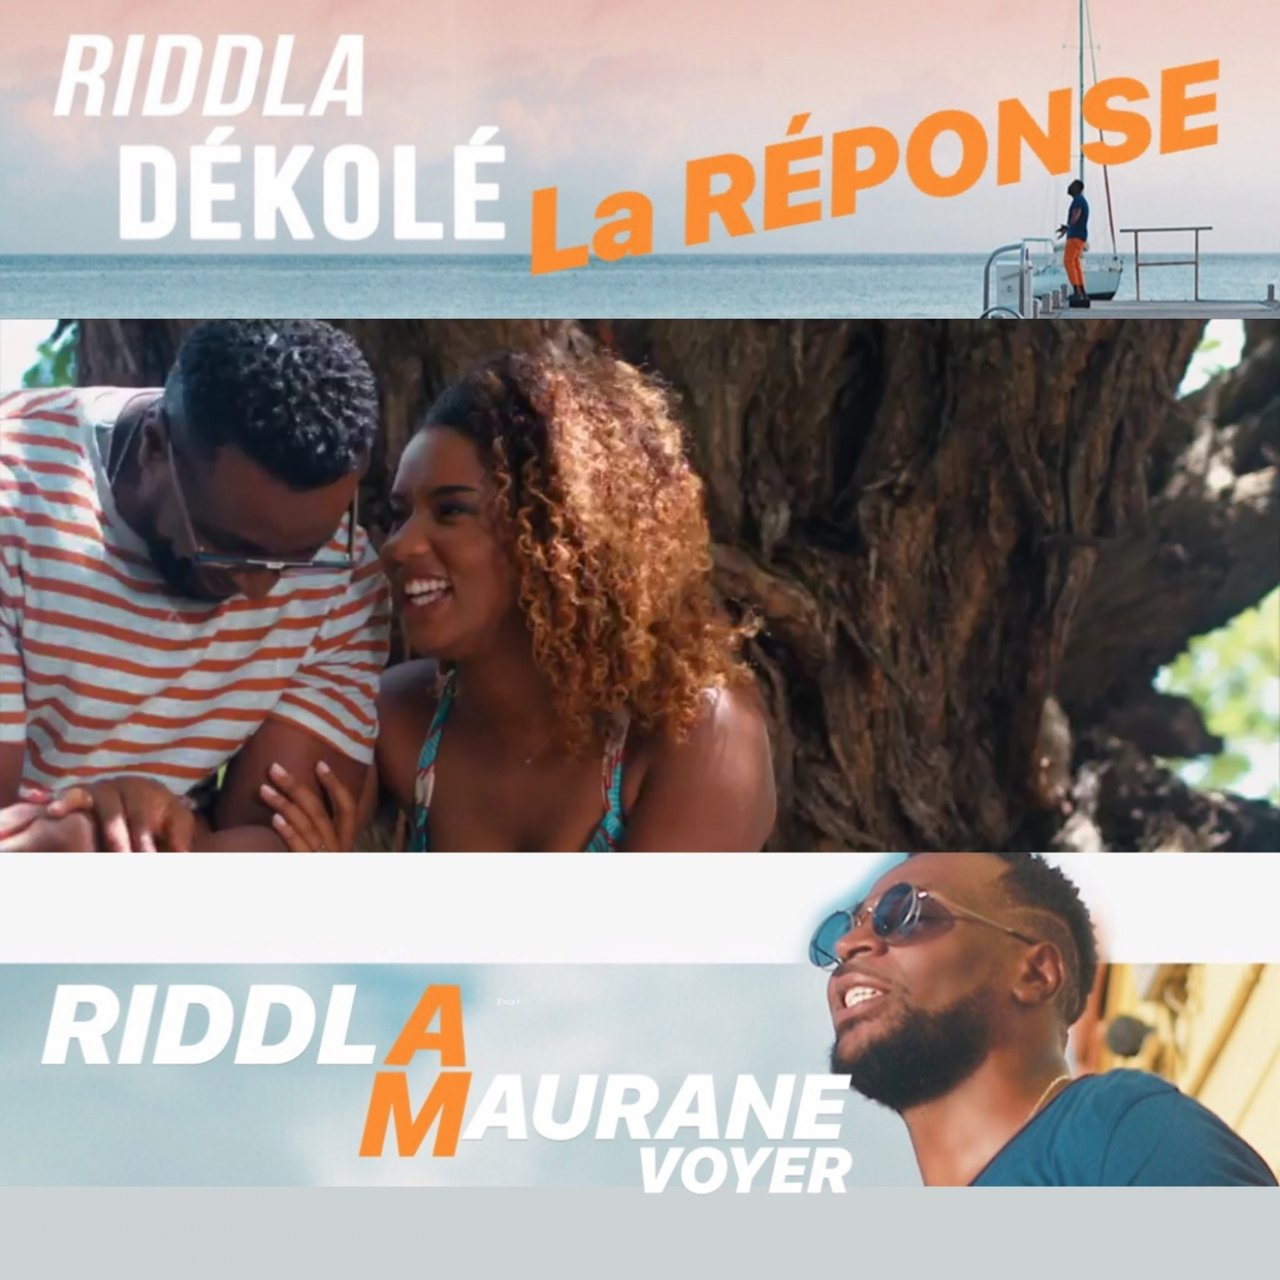 Riddla - Dékolé La Réponse (ft. Maurane Voyer)